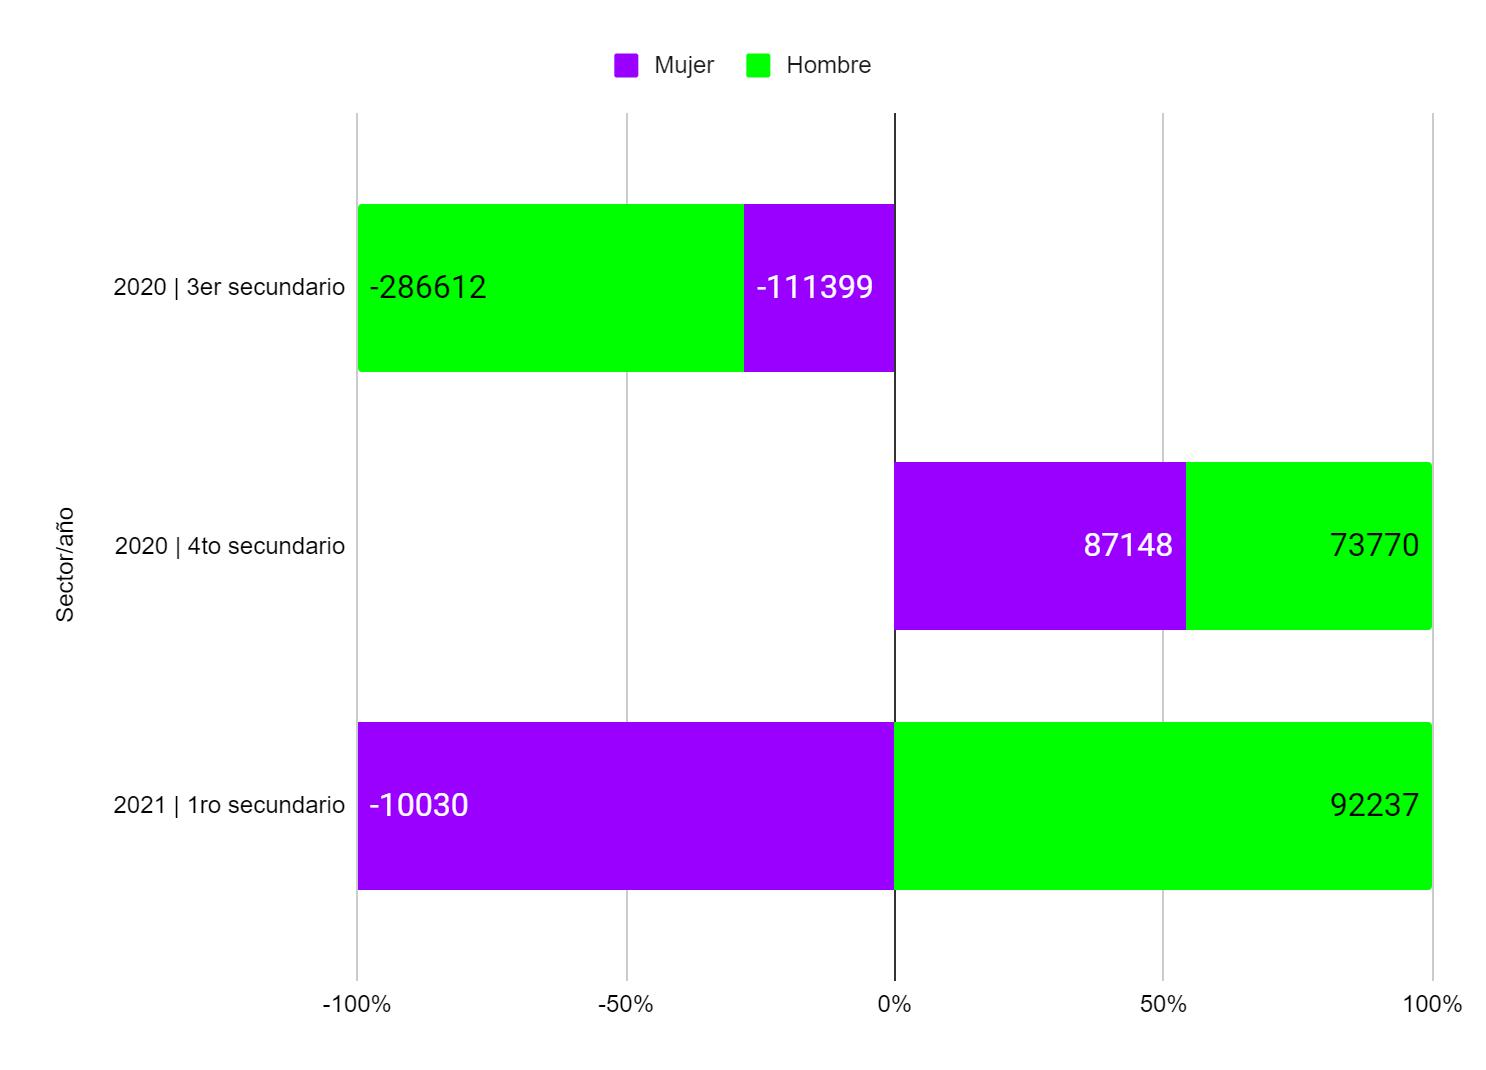 Mujeres desempleadas, consecuencias diferenciadas de la COVID-19